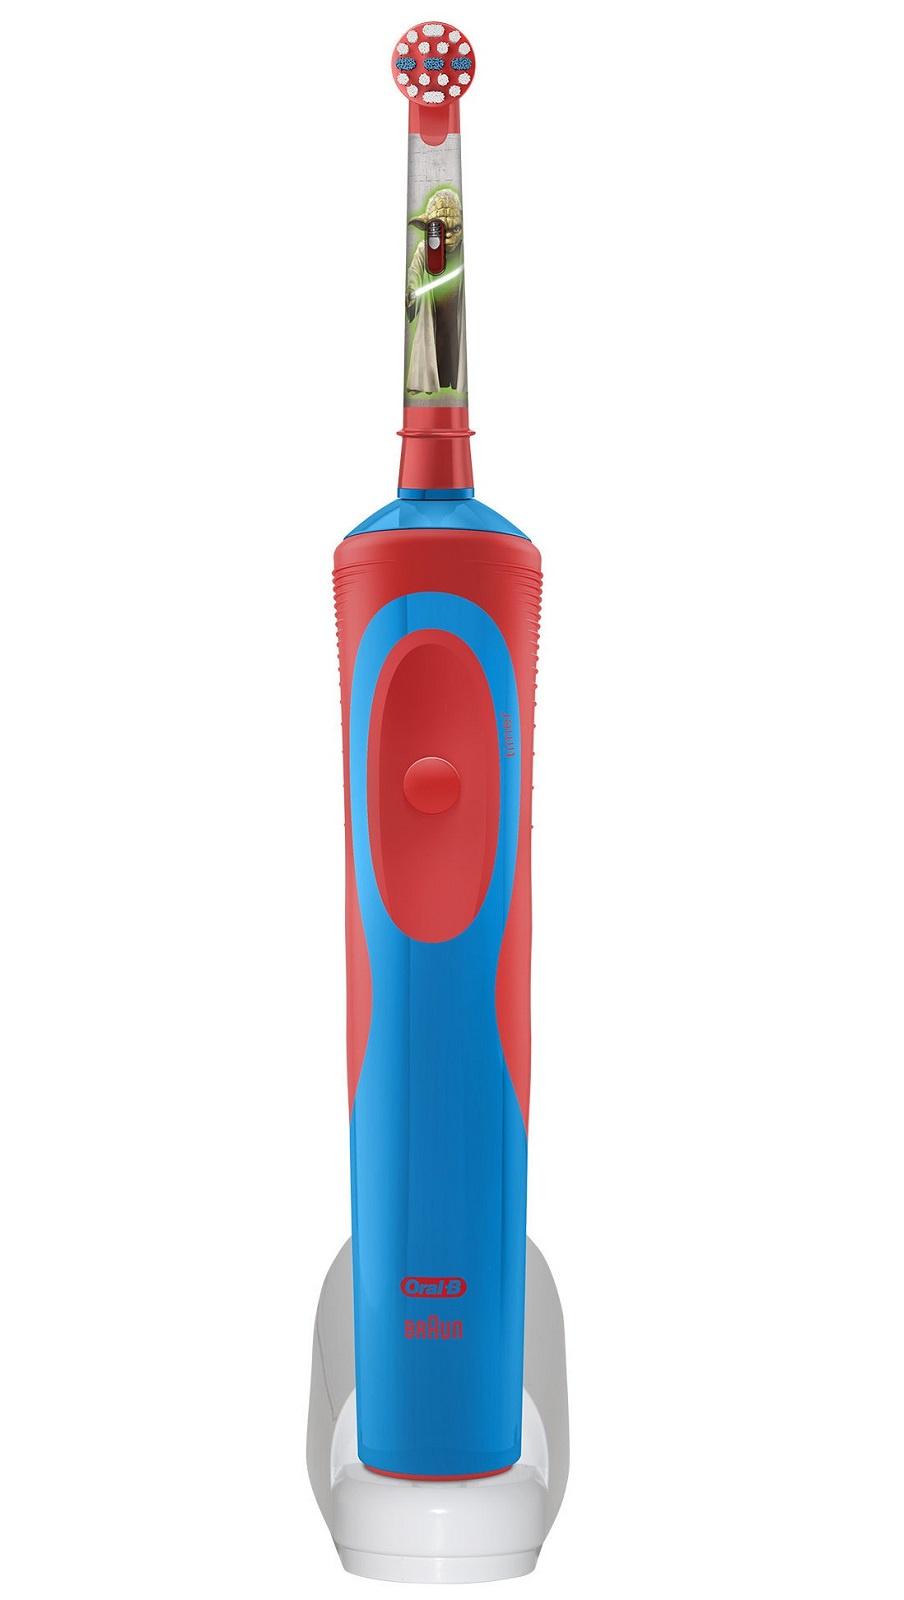 Электрическая зубная щетка Oral-B Vitality D12 Stages Power, с 3 лет, синий, красный электрическая зубная щетка braun oral b vitality d12 513k stages power starwars